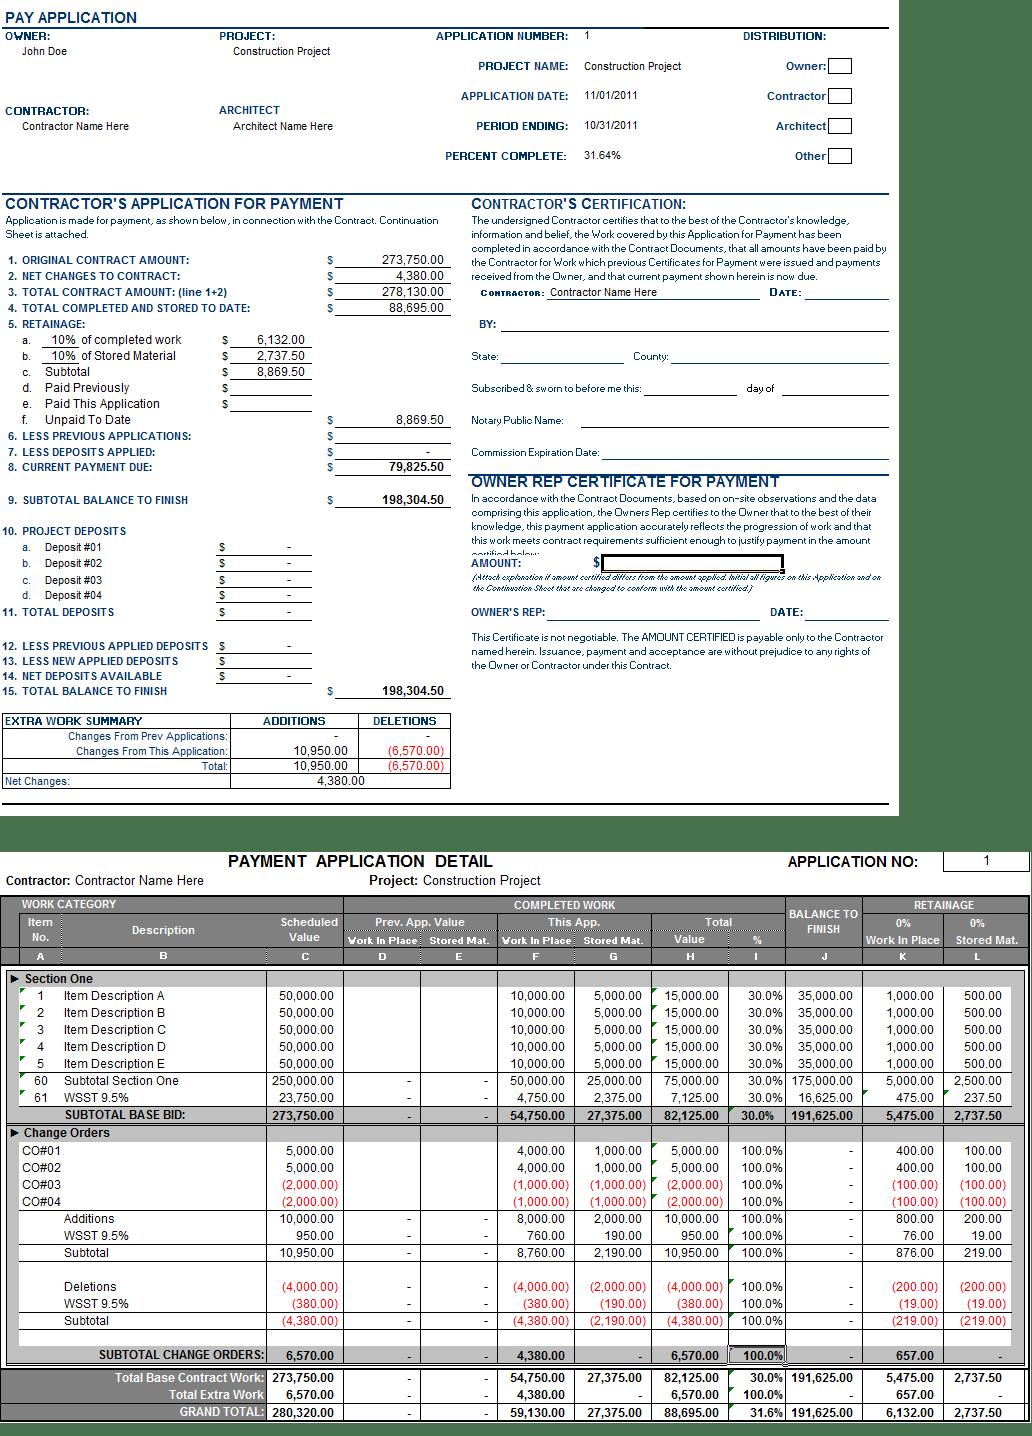 Plumbing Contractors Have Unique Bookkeeping Needs